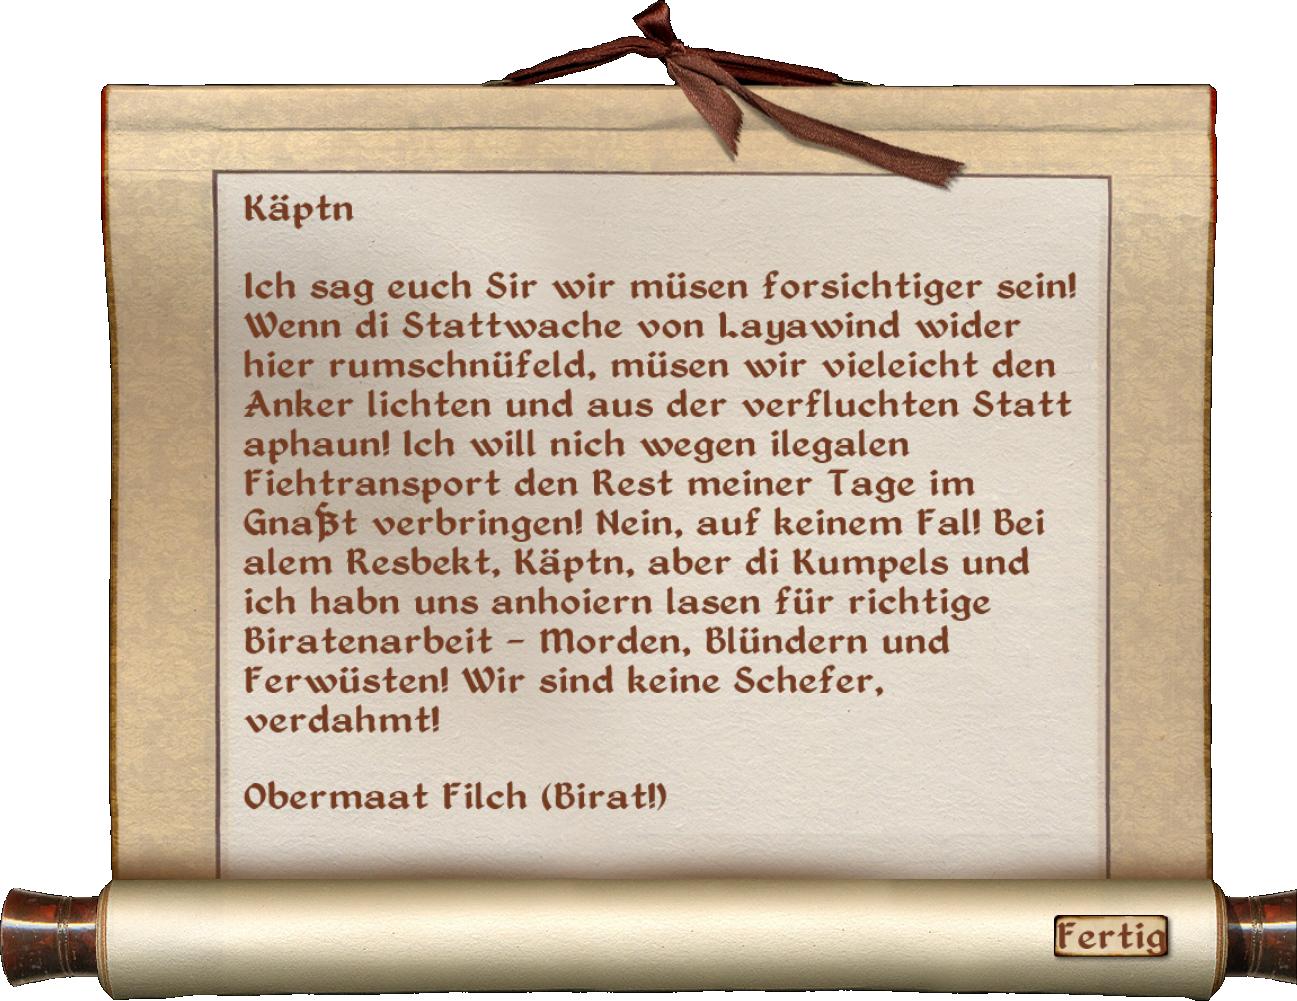 1. Maat Filchs Notiz